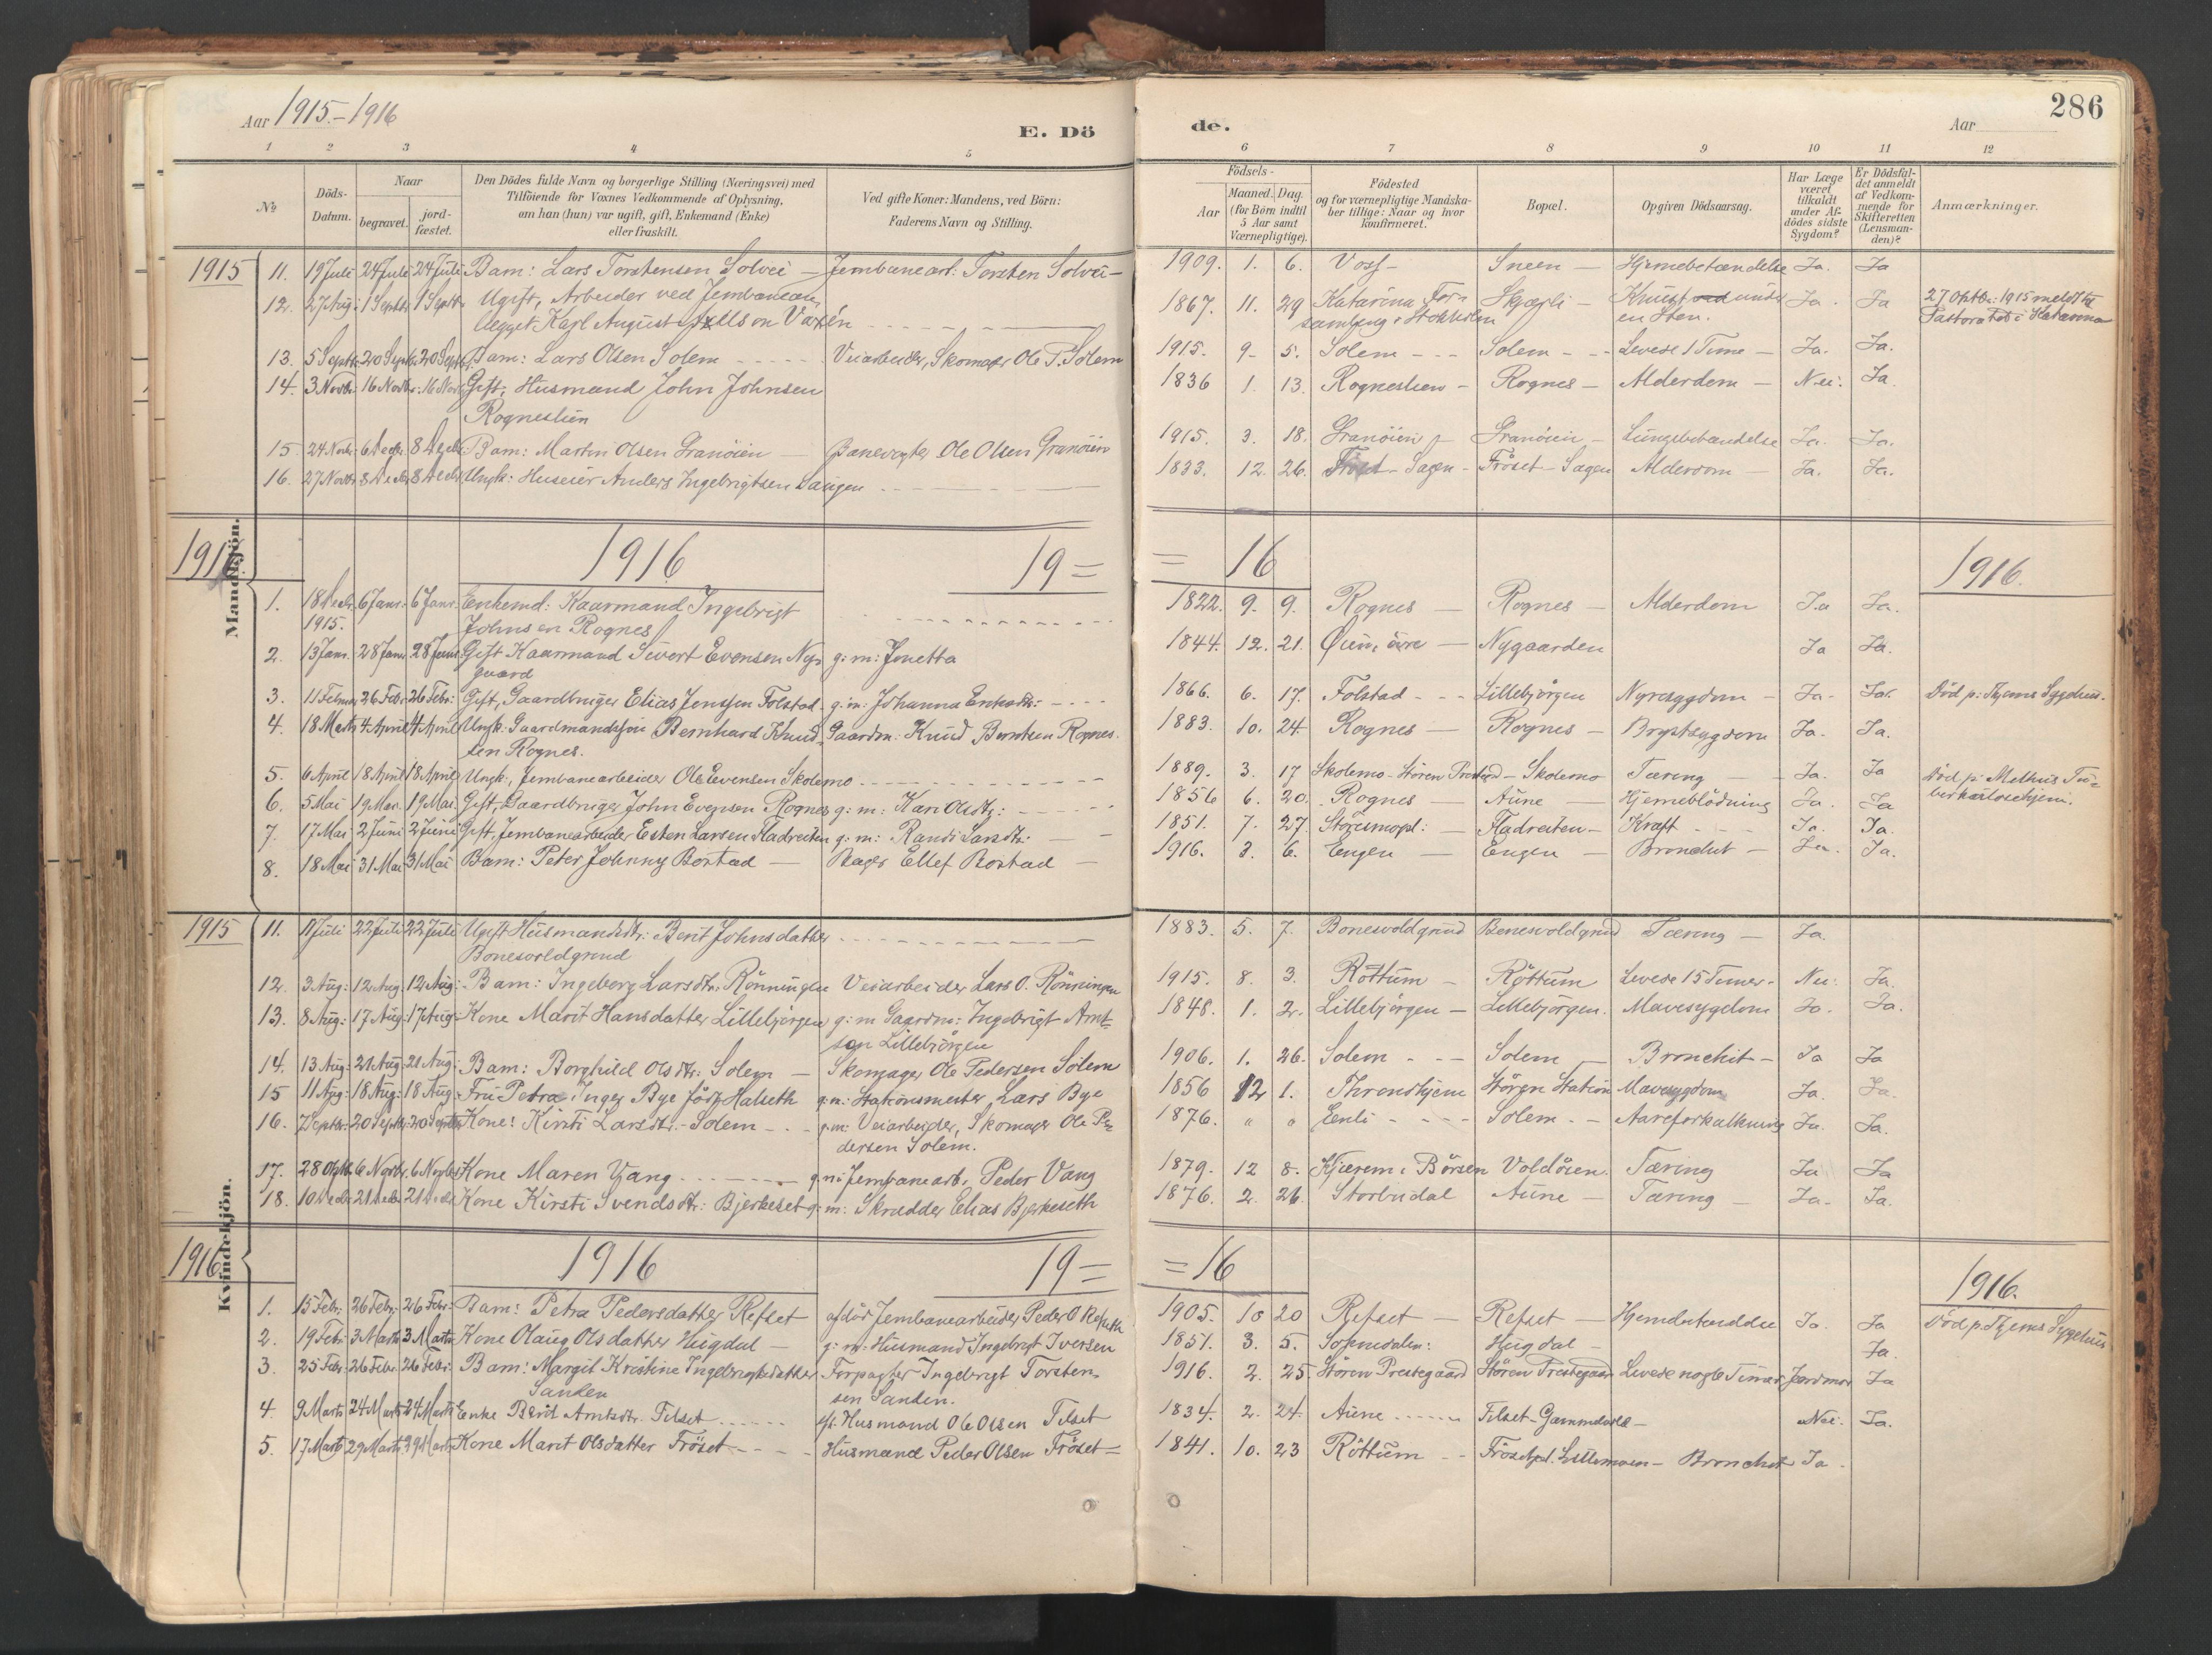 SAT, Ministerialprotokoller, klokkerbøker og fødselsregistre - Sør-Trøndelag, 687/L1004: Ministerialbok nr. 687A10, 1891-1923, s. 286